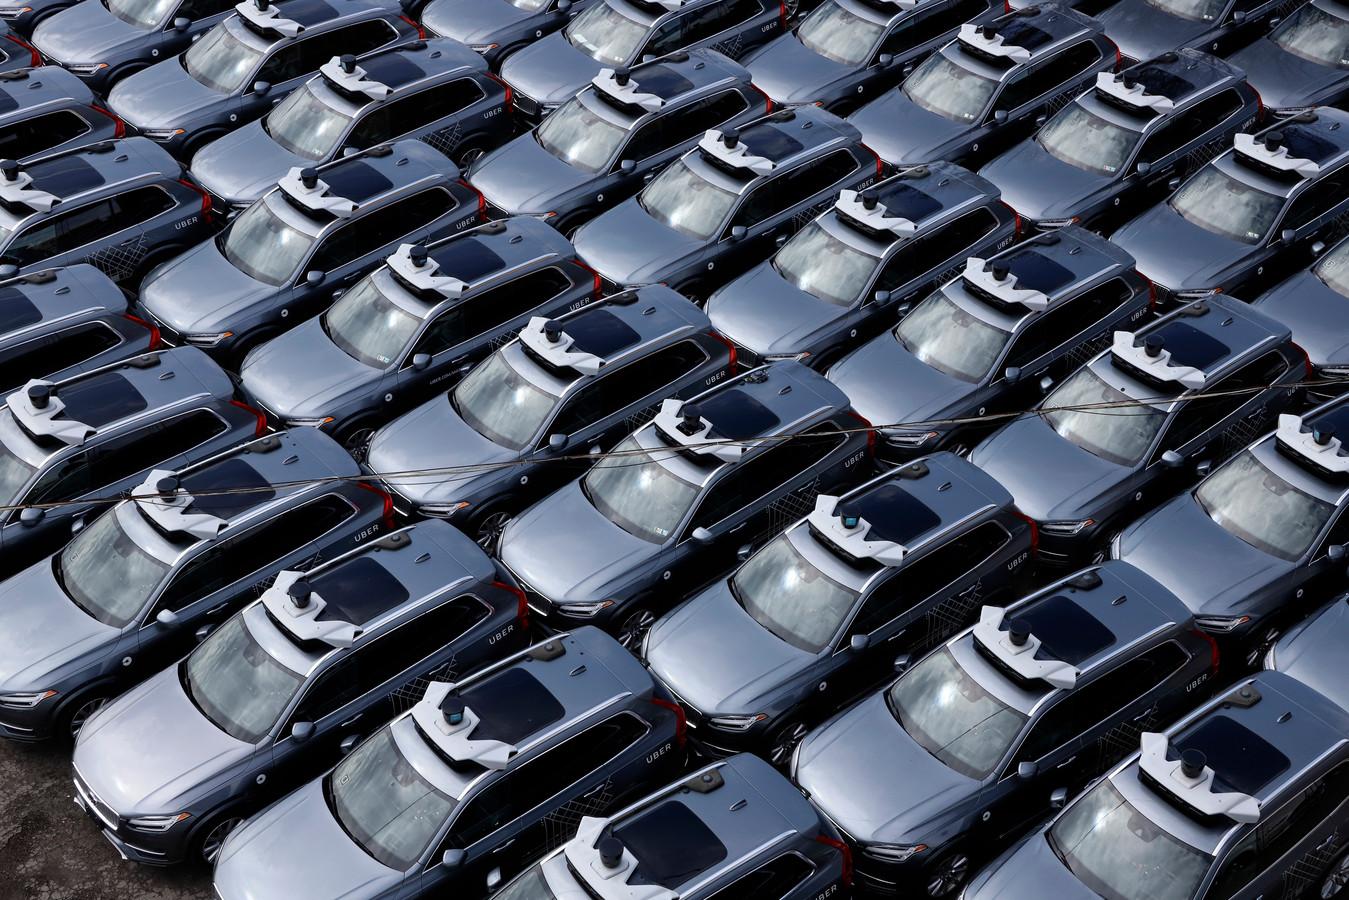 Zelfrijdende Volvo's van Uber bij het ontwikkelingscentrum van het taxibedrijf in de Amerikaanse stad Pittsburgh. Archiefbeeld.